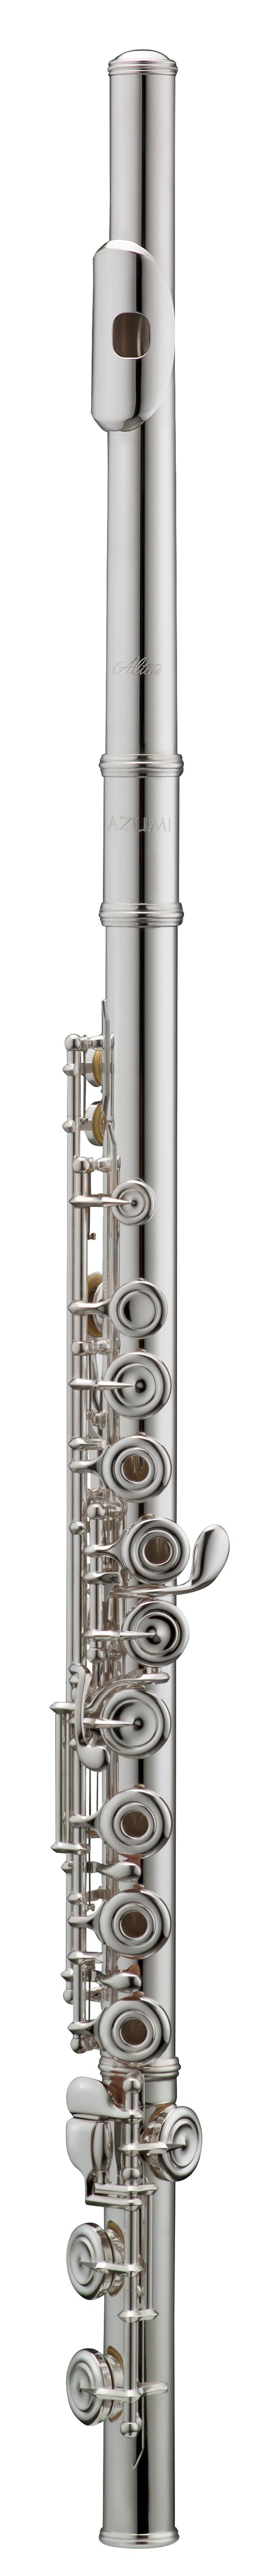 Azumi - AZ-Z3 - RCEO - Holzblasinstrumente - Flöten mit E-Mechanik | MUSIK BERTRAM Deutschland Freiburg